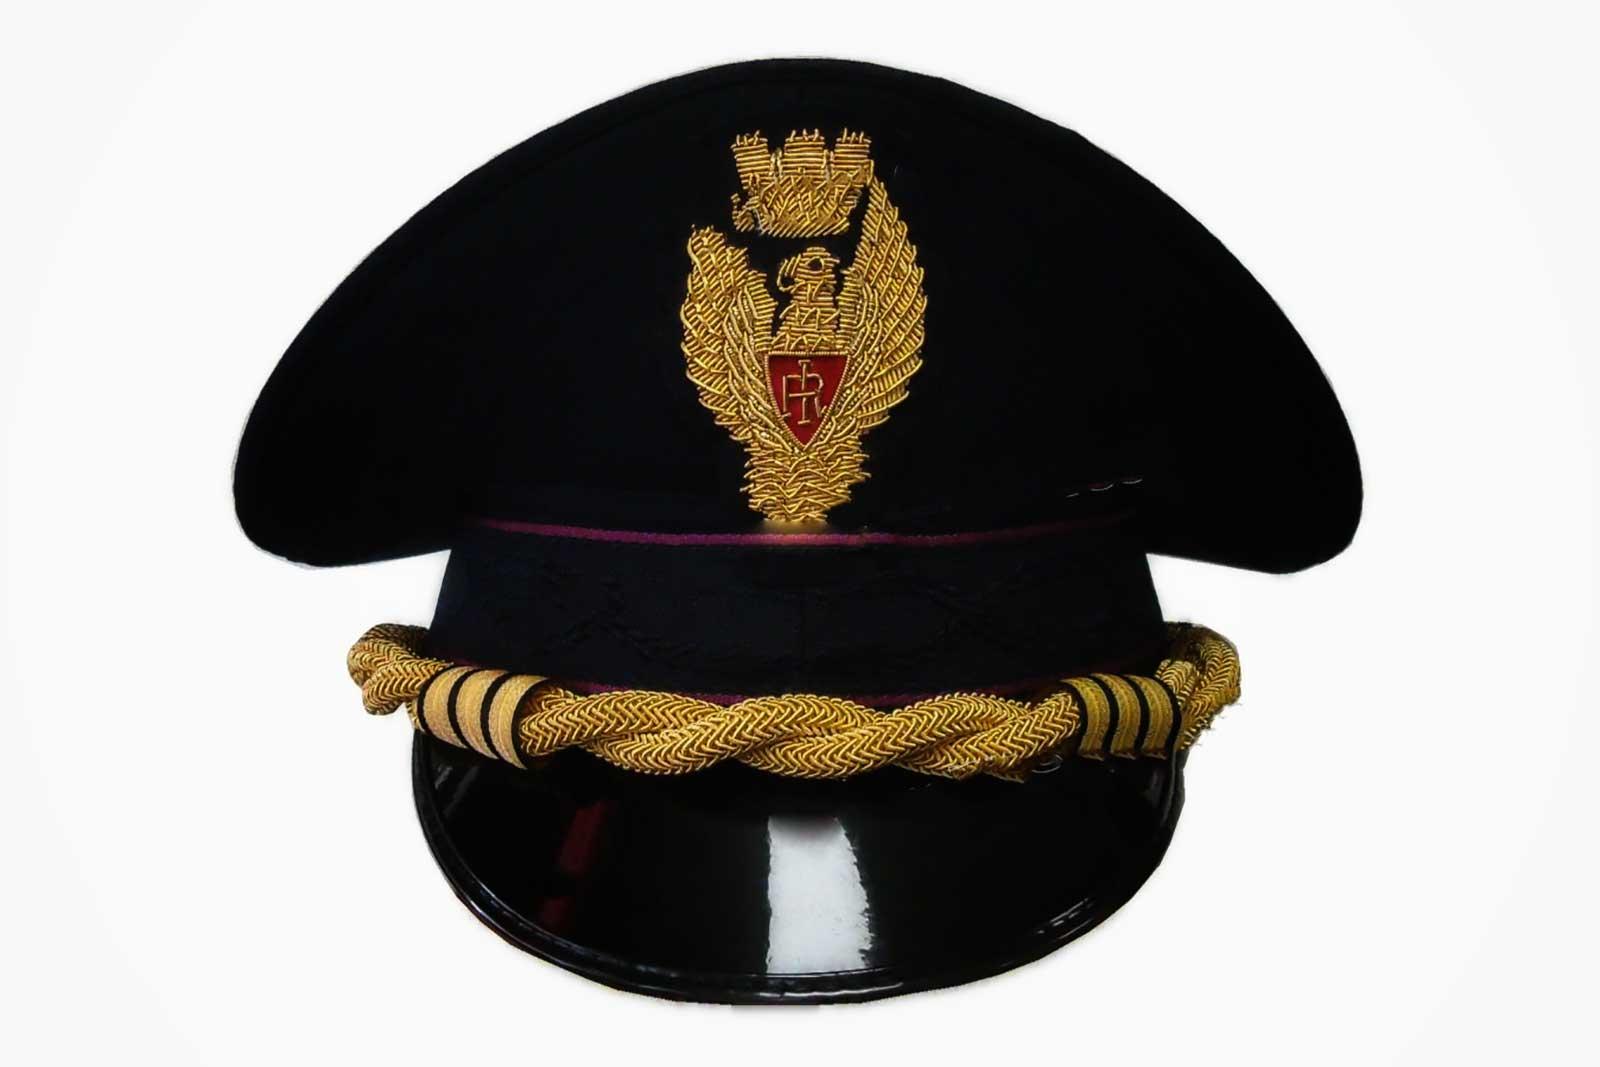 Dirigenti polizia di stato funzionari